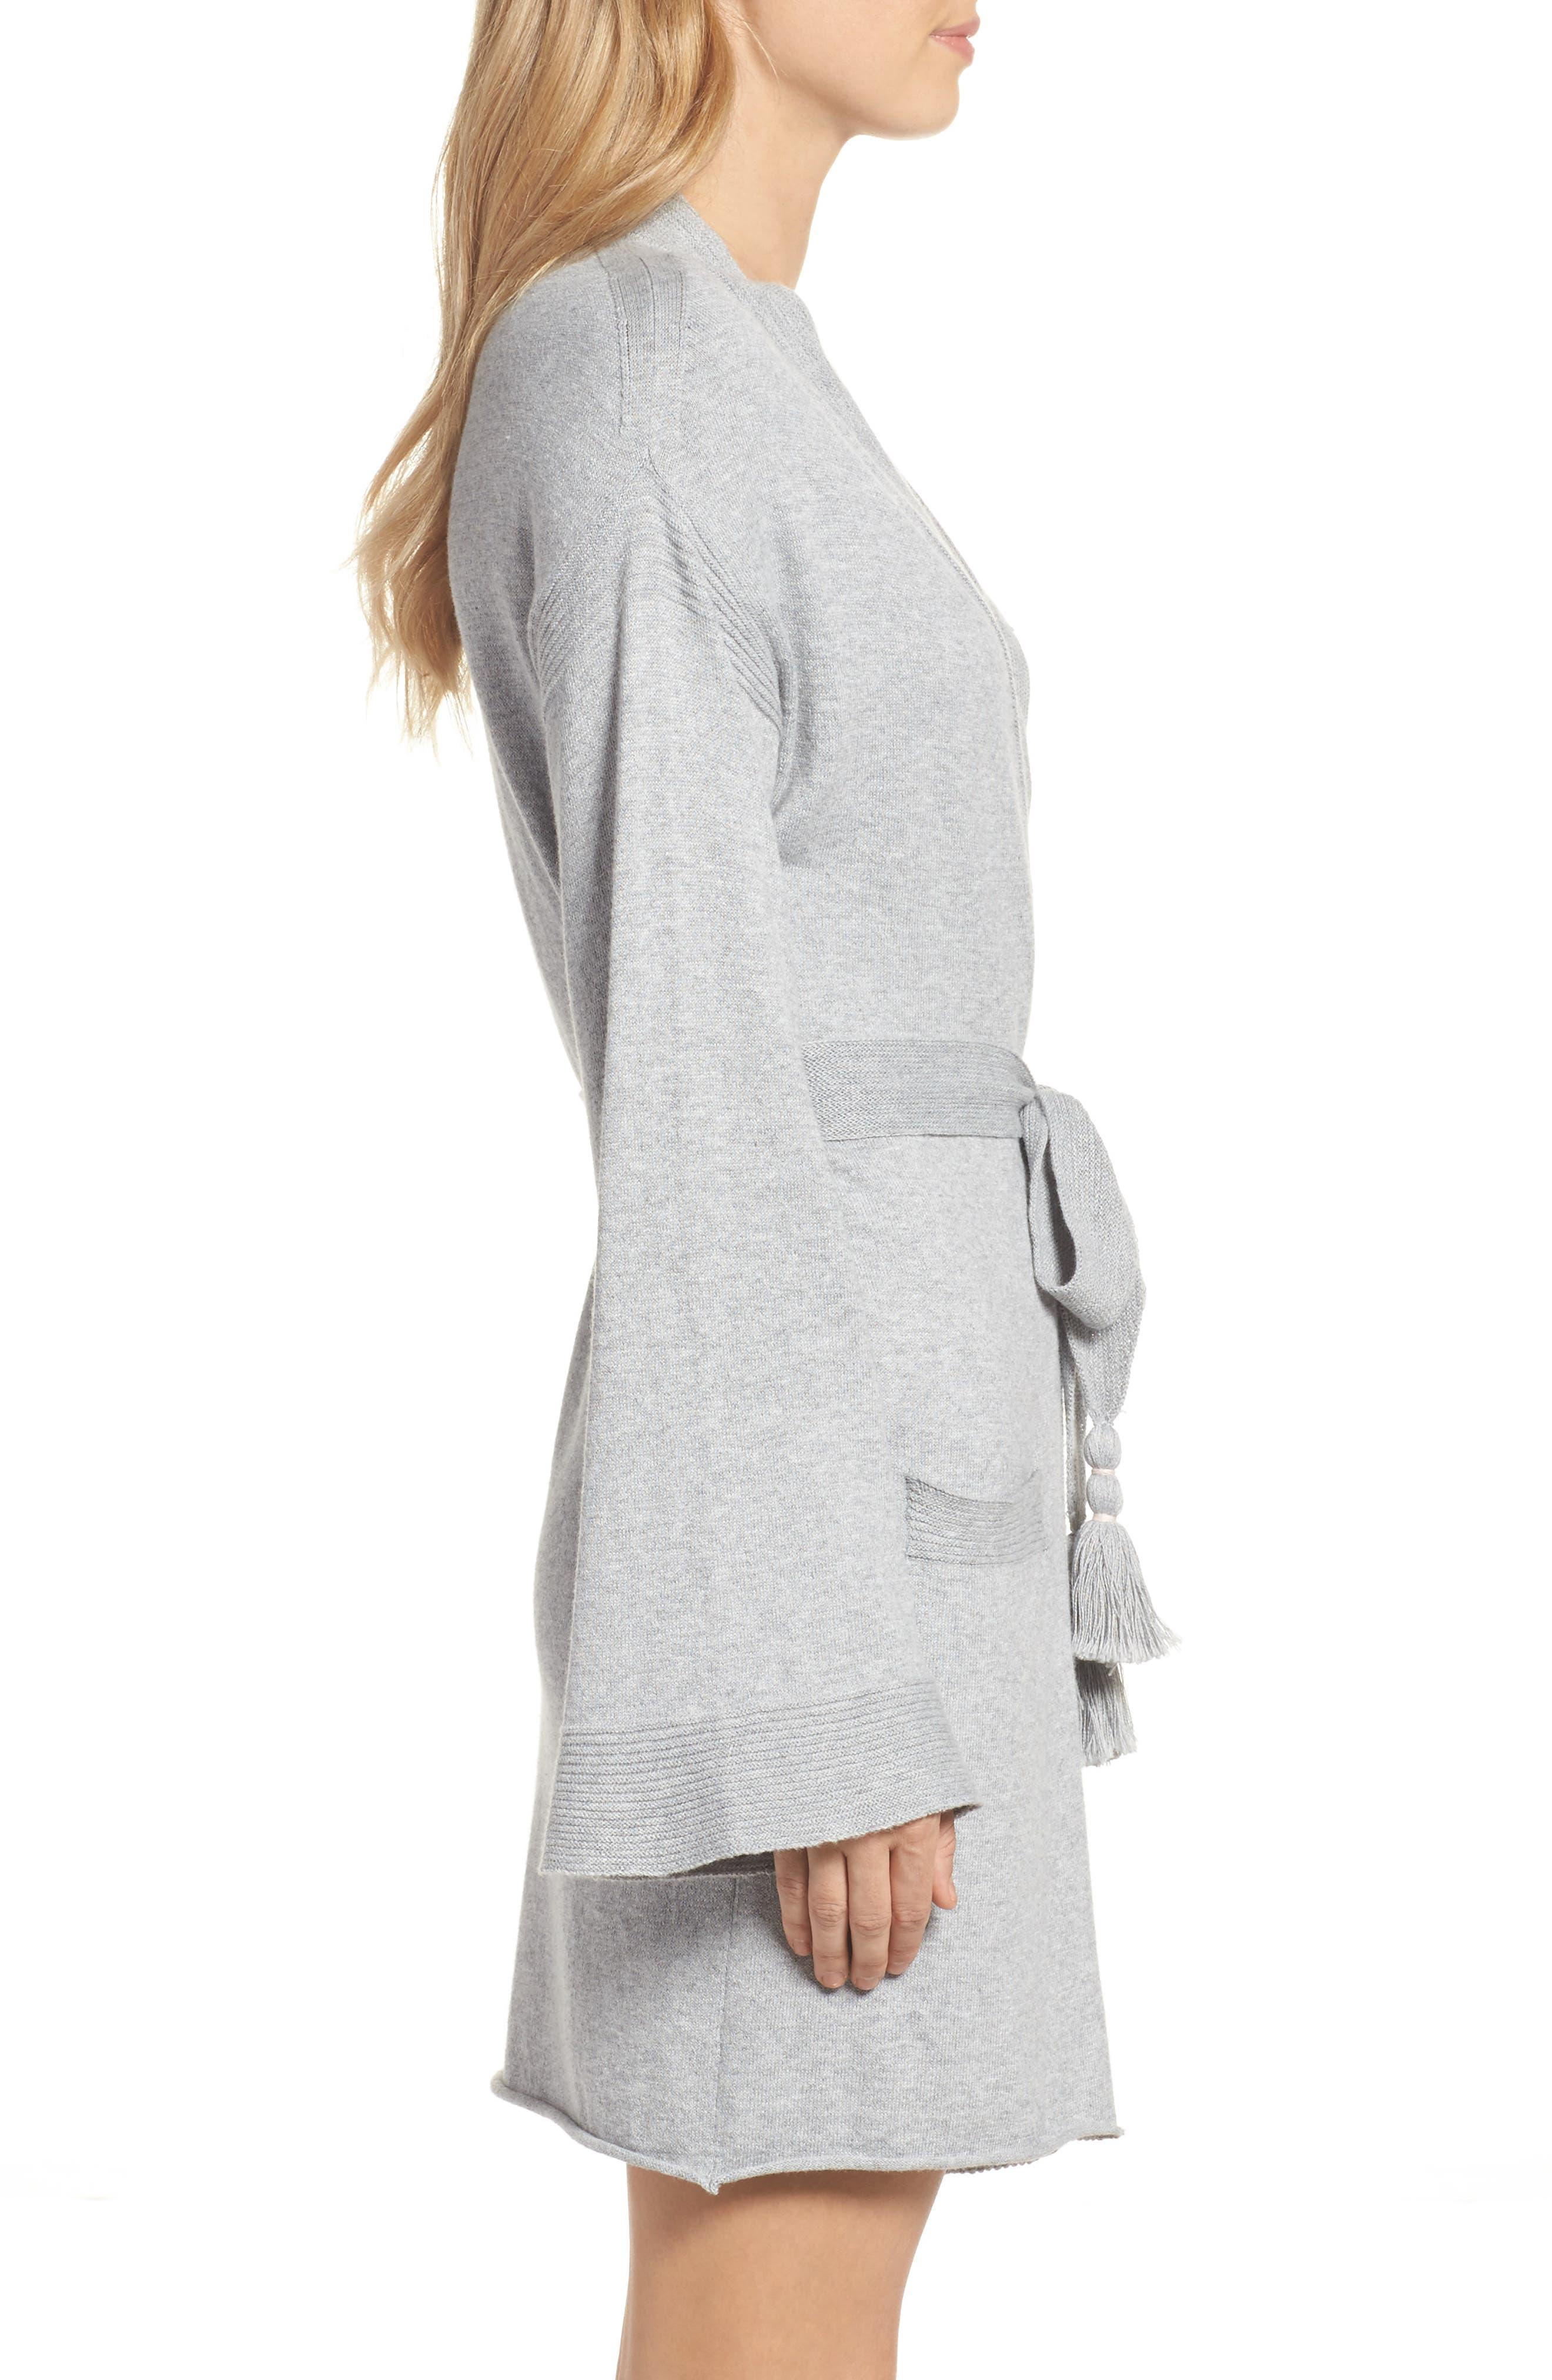 Valoria Short Robe,                             Alternate thumbnail 3, color,                             020